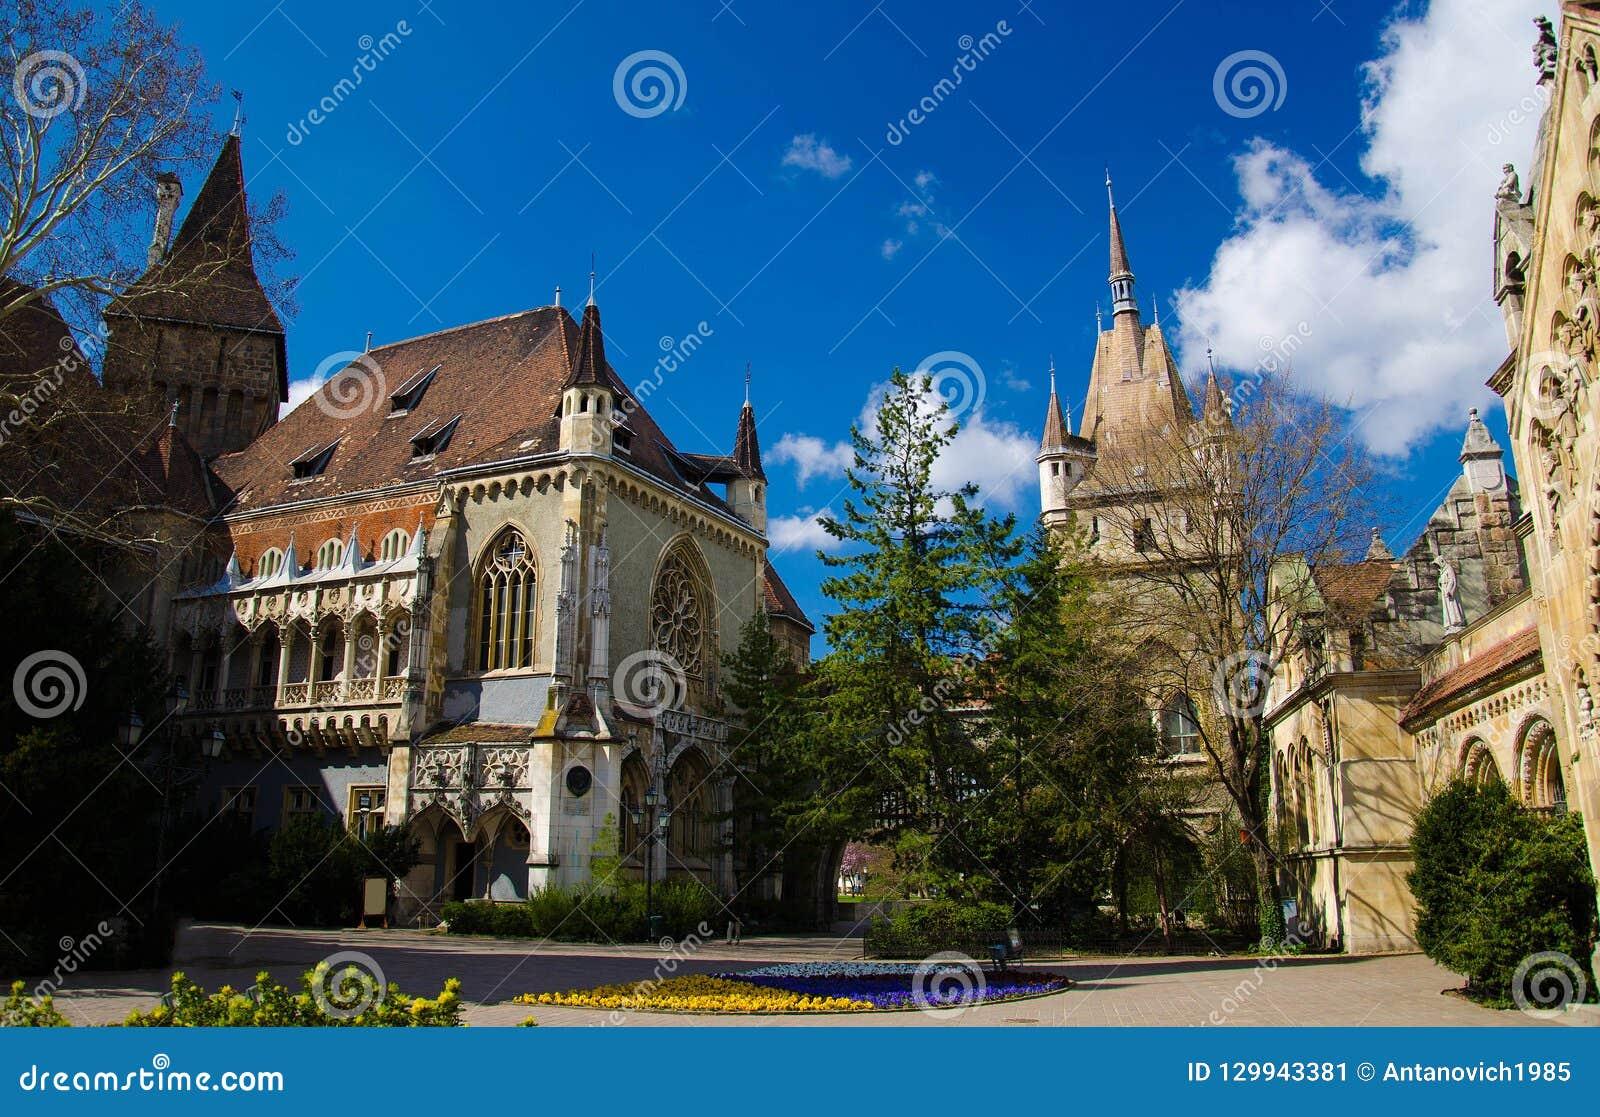 Patio del castillo de Vajdahunyad en el parque de la ciudad, Budapest, Hungría